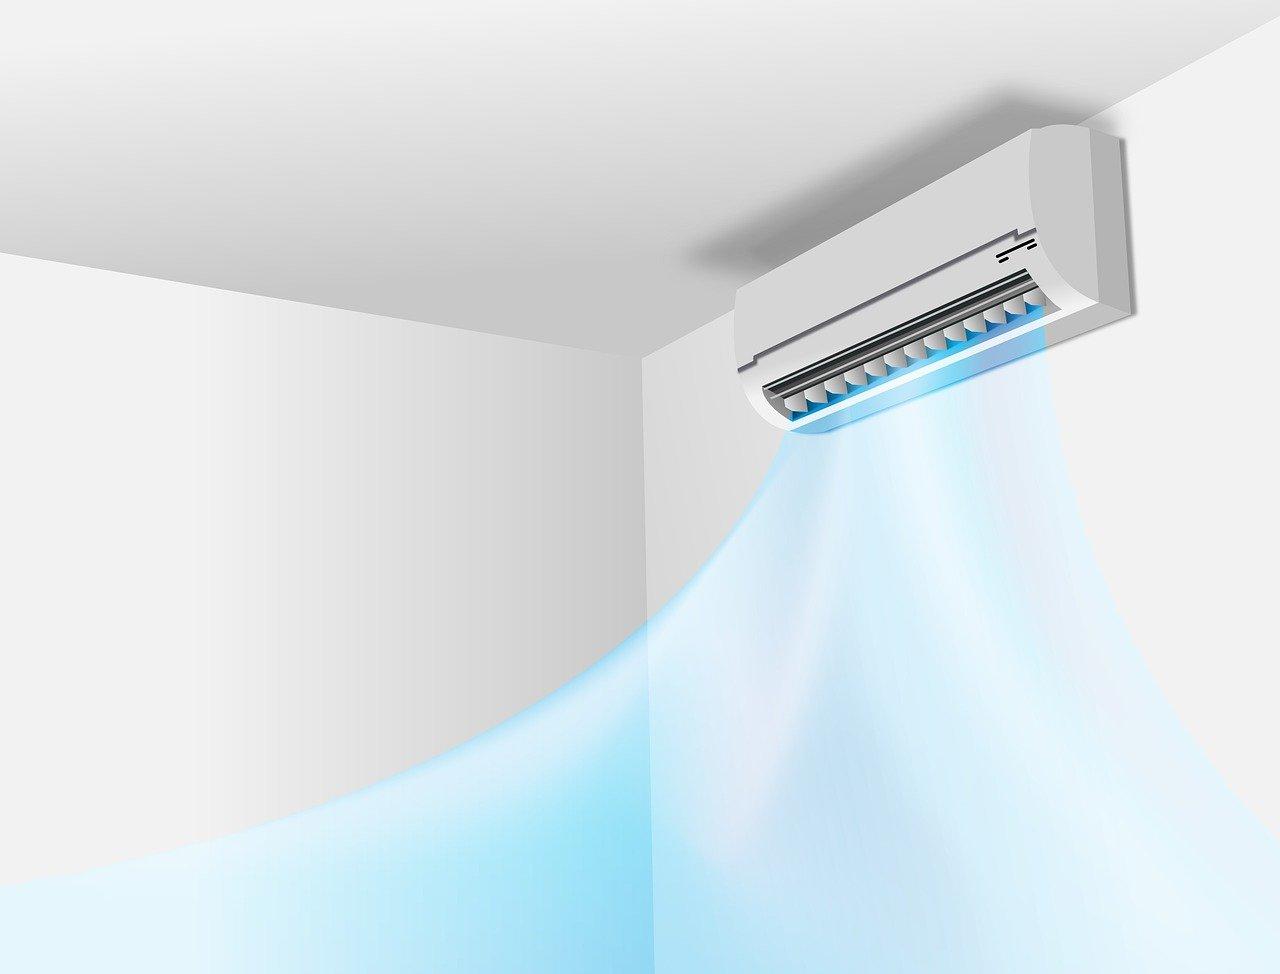 デュッセルドルフ暮らしに於けるエアコン導入の勧め【年に数回欧州を襲う40℃超えの酷暑とドイツのエアコン事情】